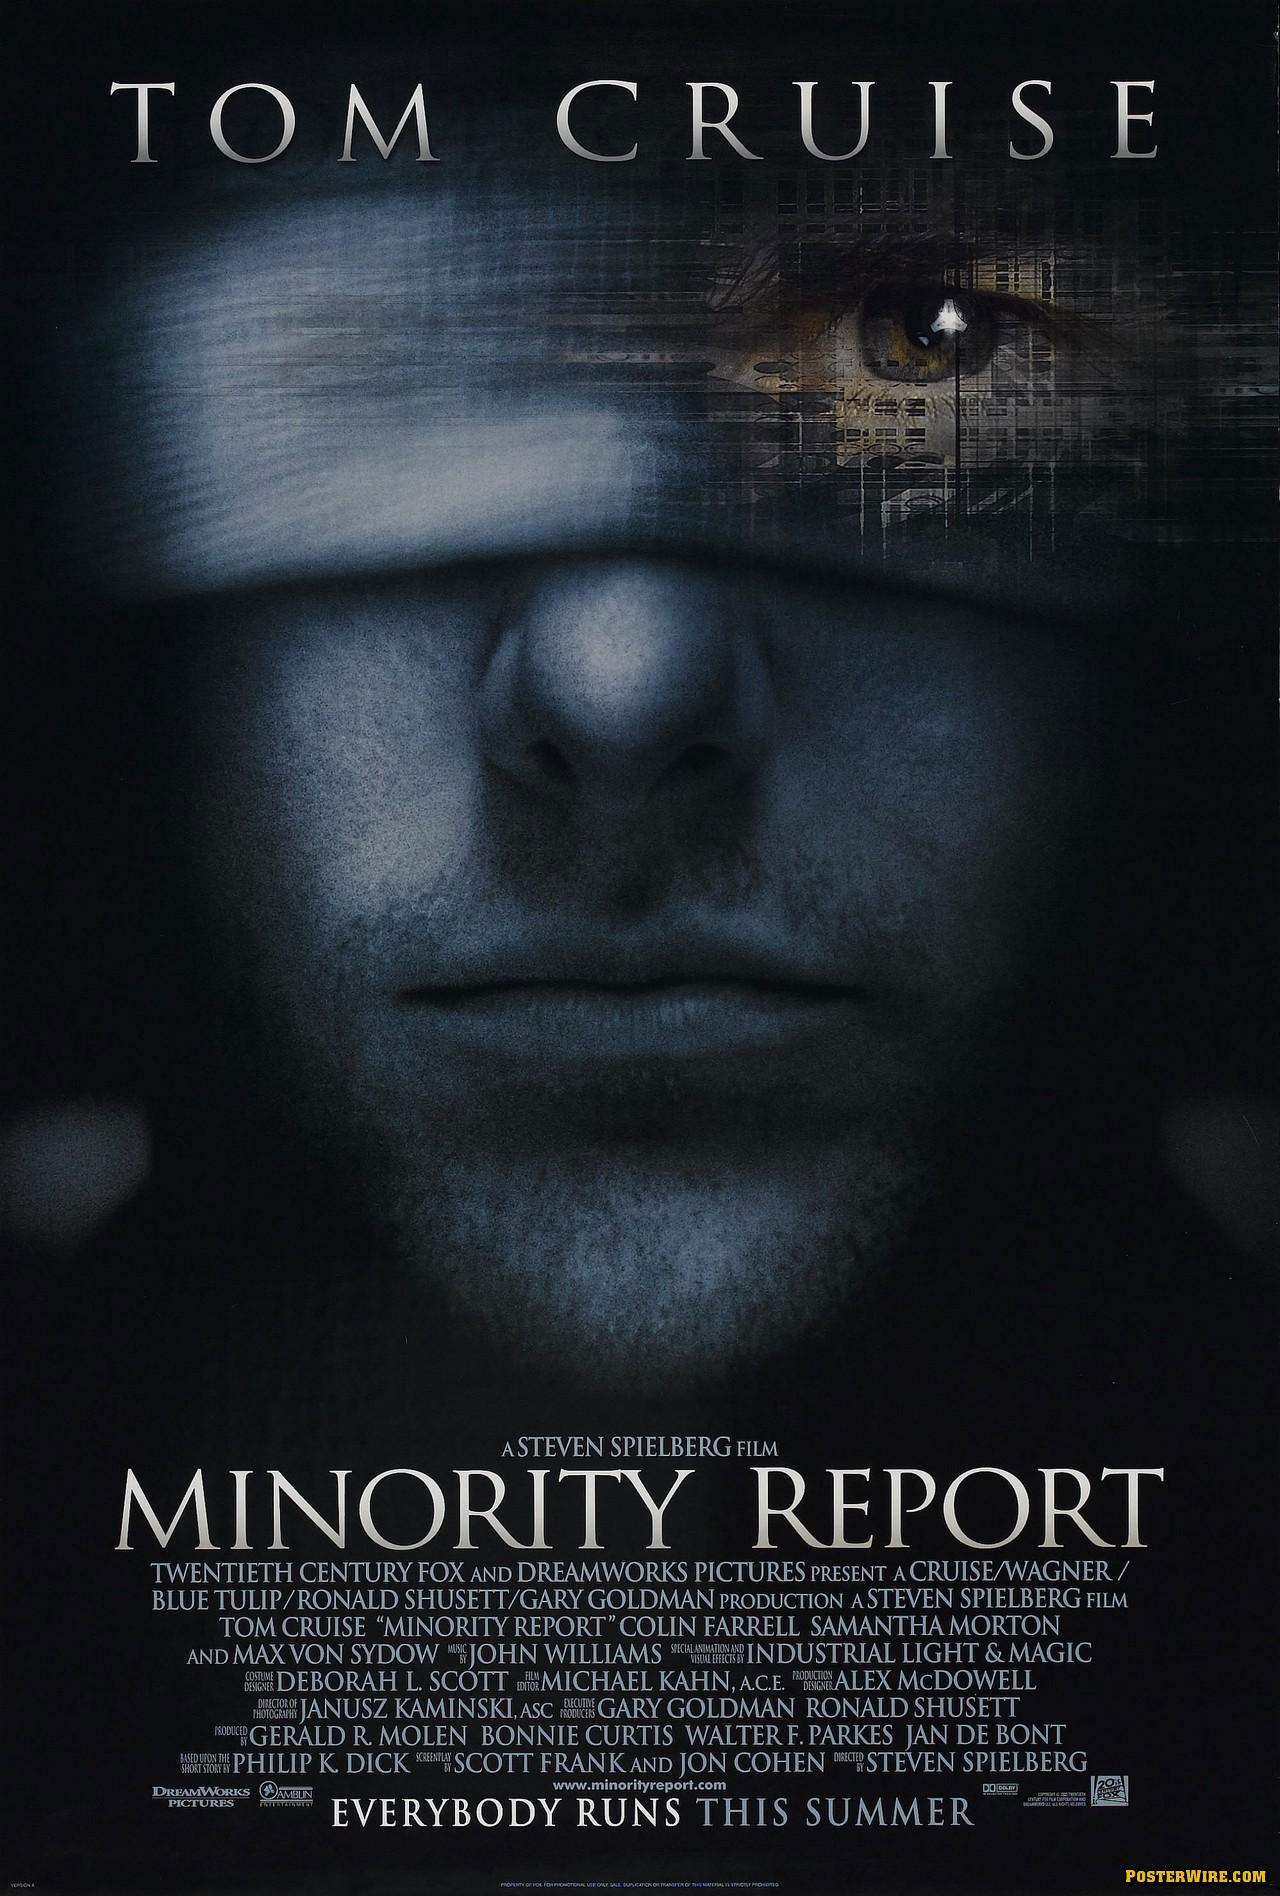 Descobertas, Curiosidades e Mistérios Inexplicáveis/Conspirações - Página 2 Minority_report